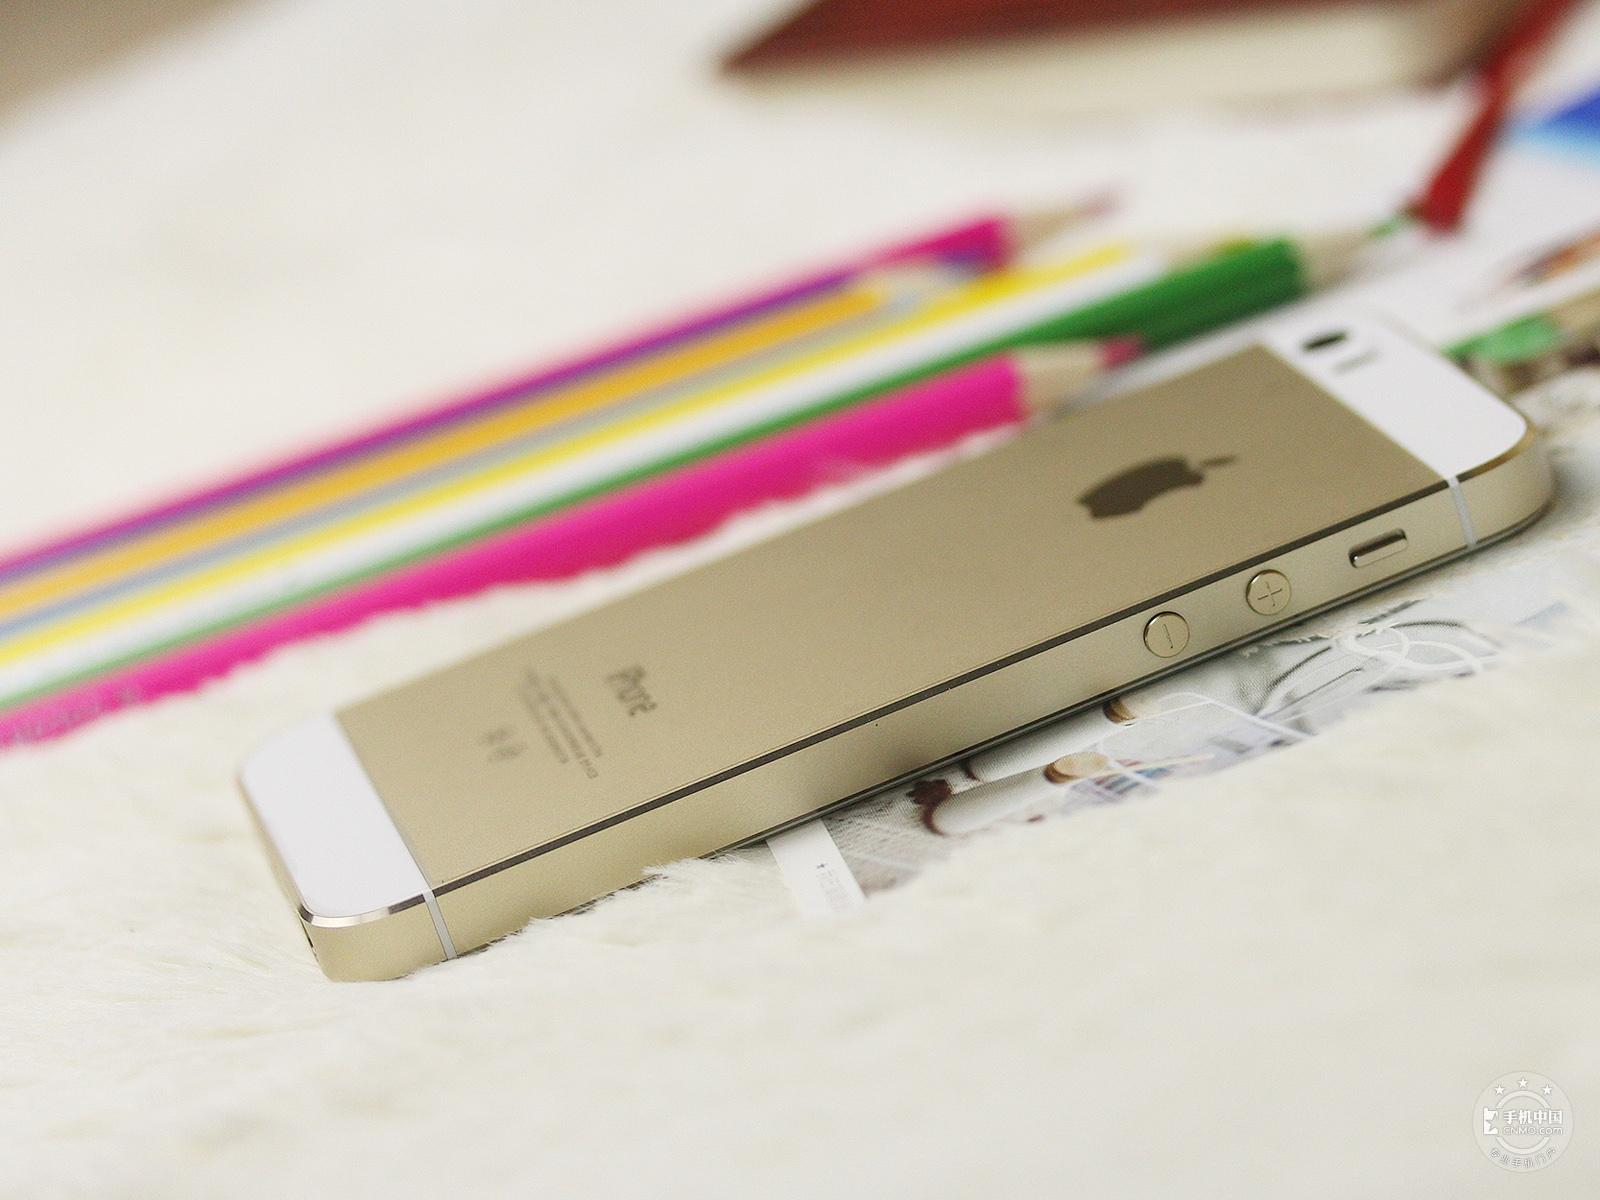 苹果iPhone5s(电信版)整体外观第6张